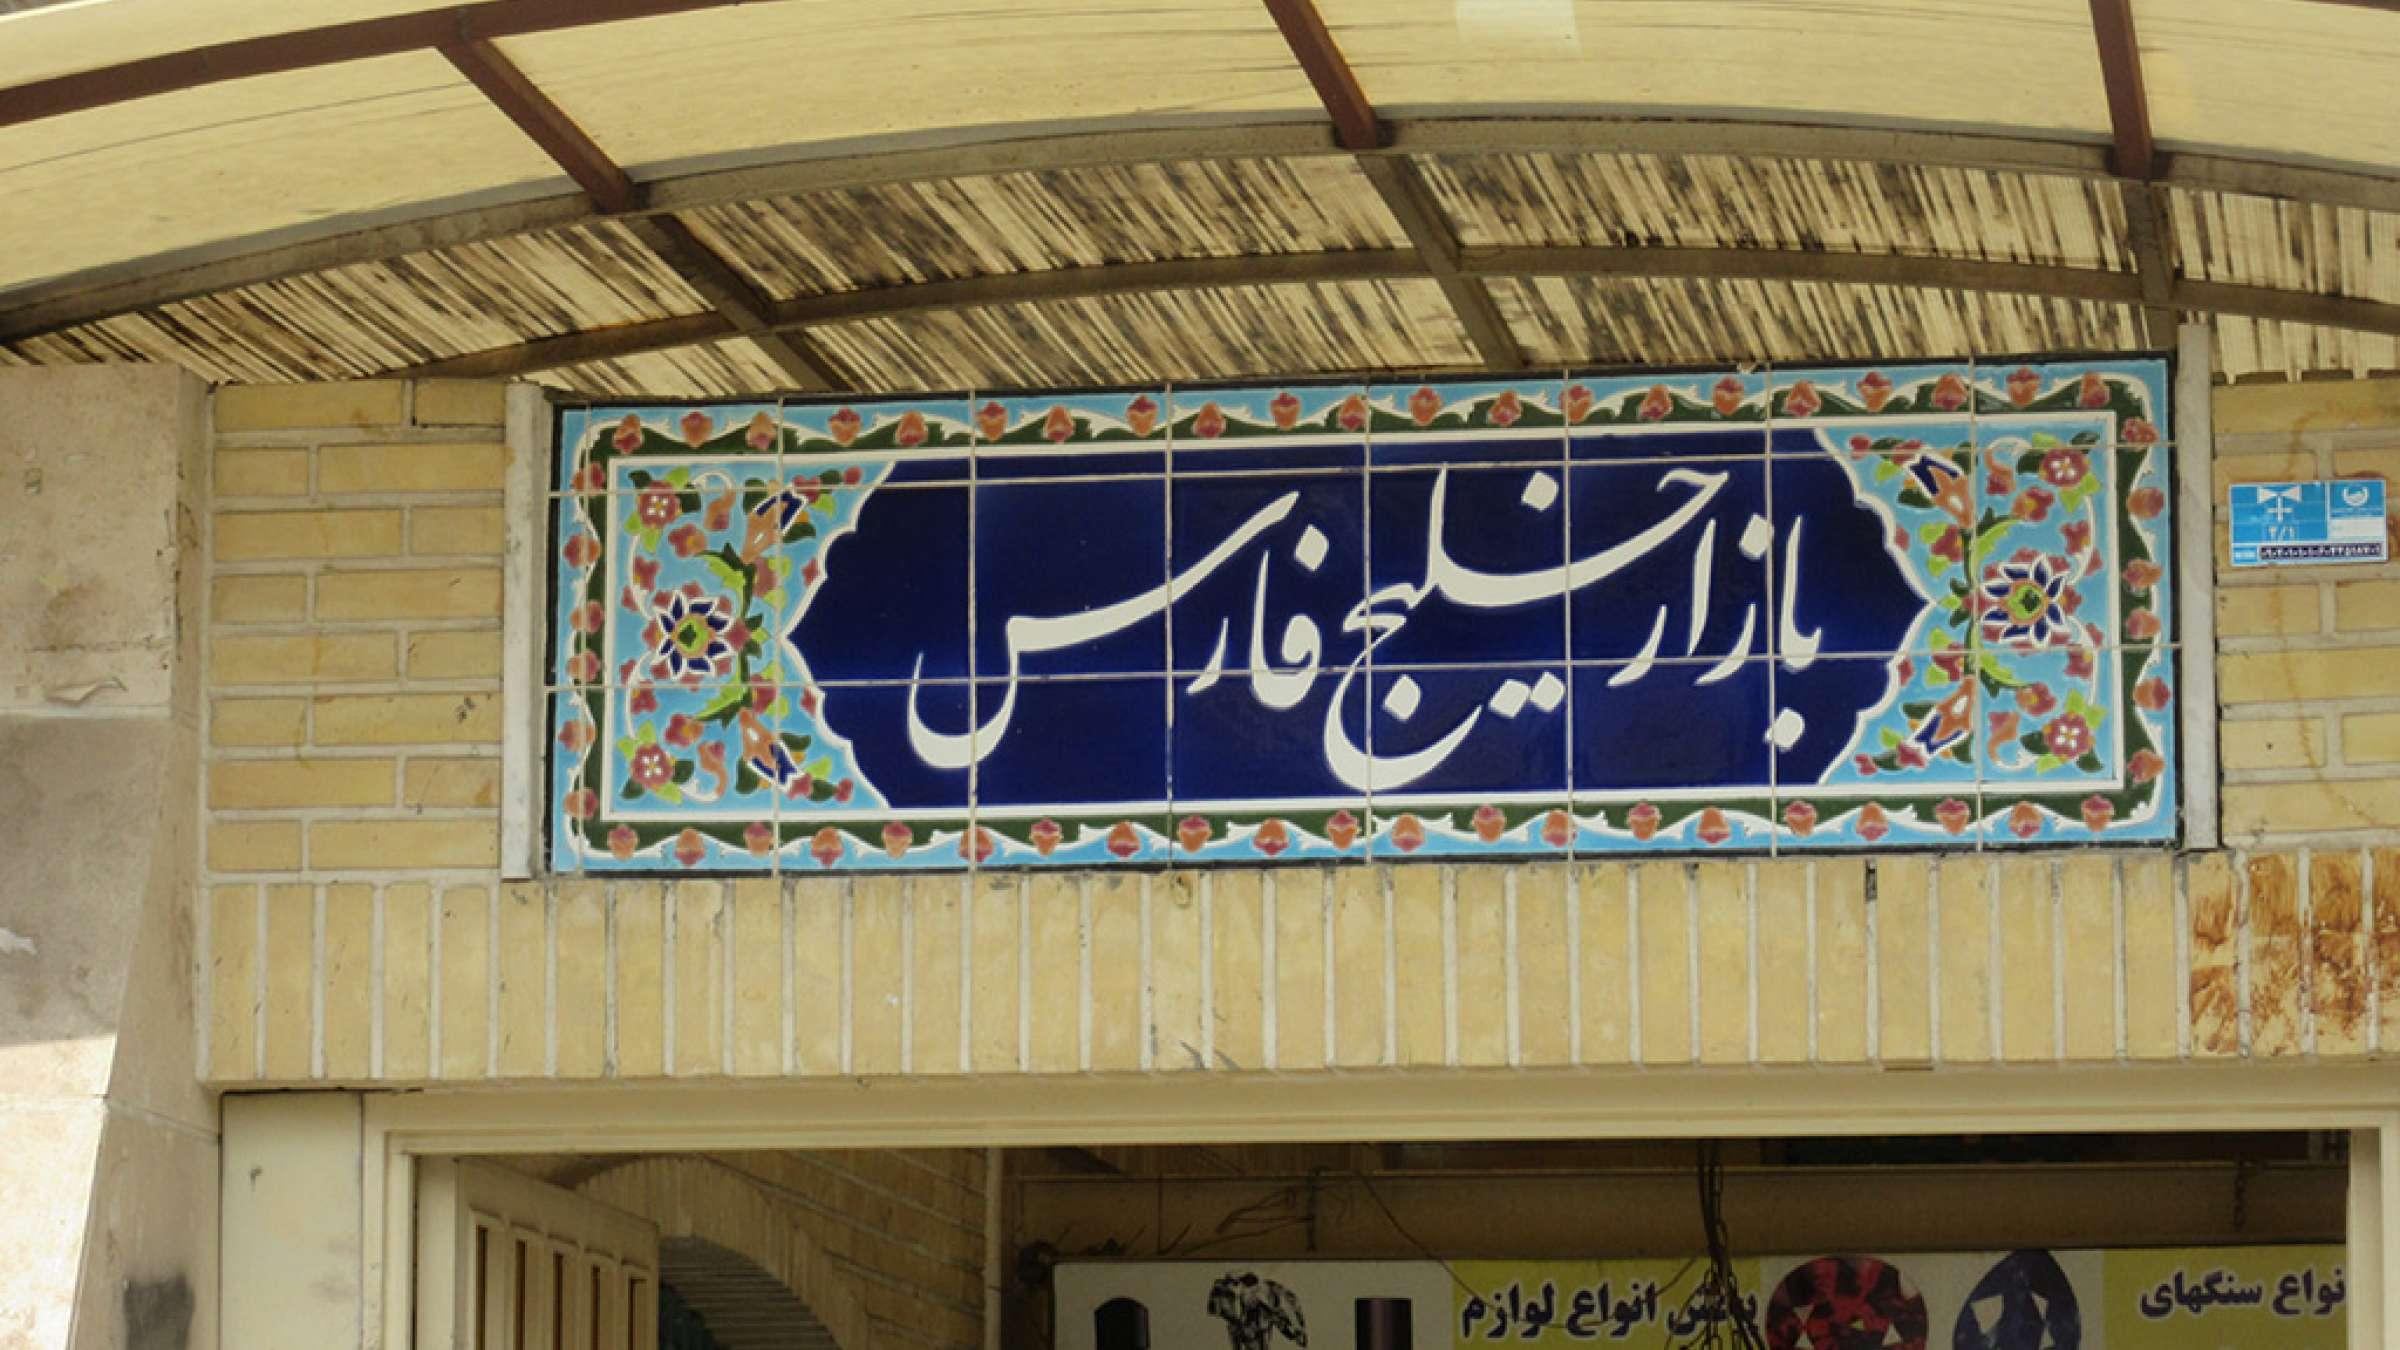 ادبیات-گلمحمدی-با-من-به-بازار-تهران-بیایید-بازار-خلیج-فارس